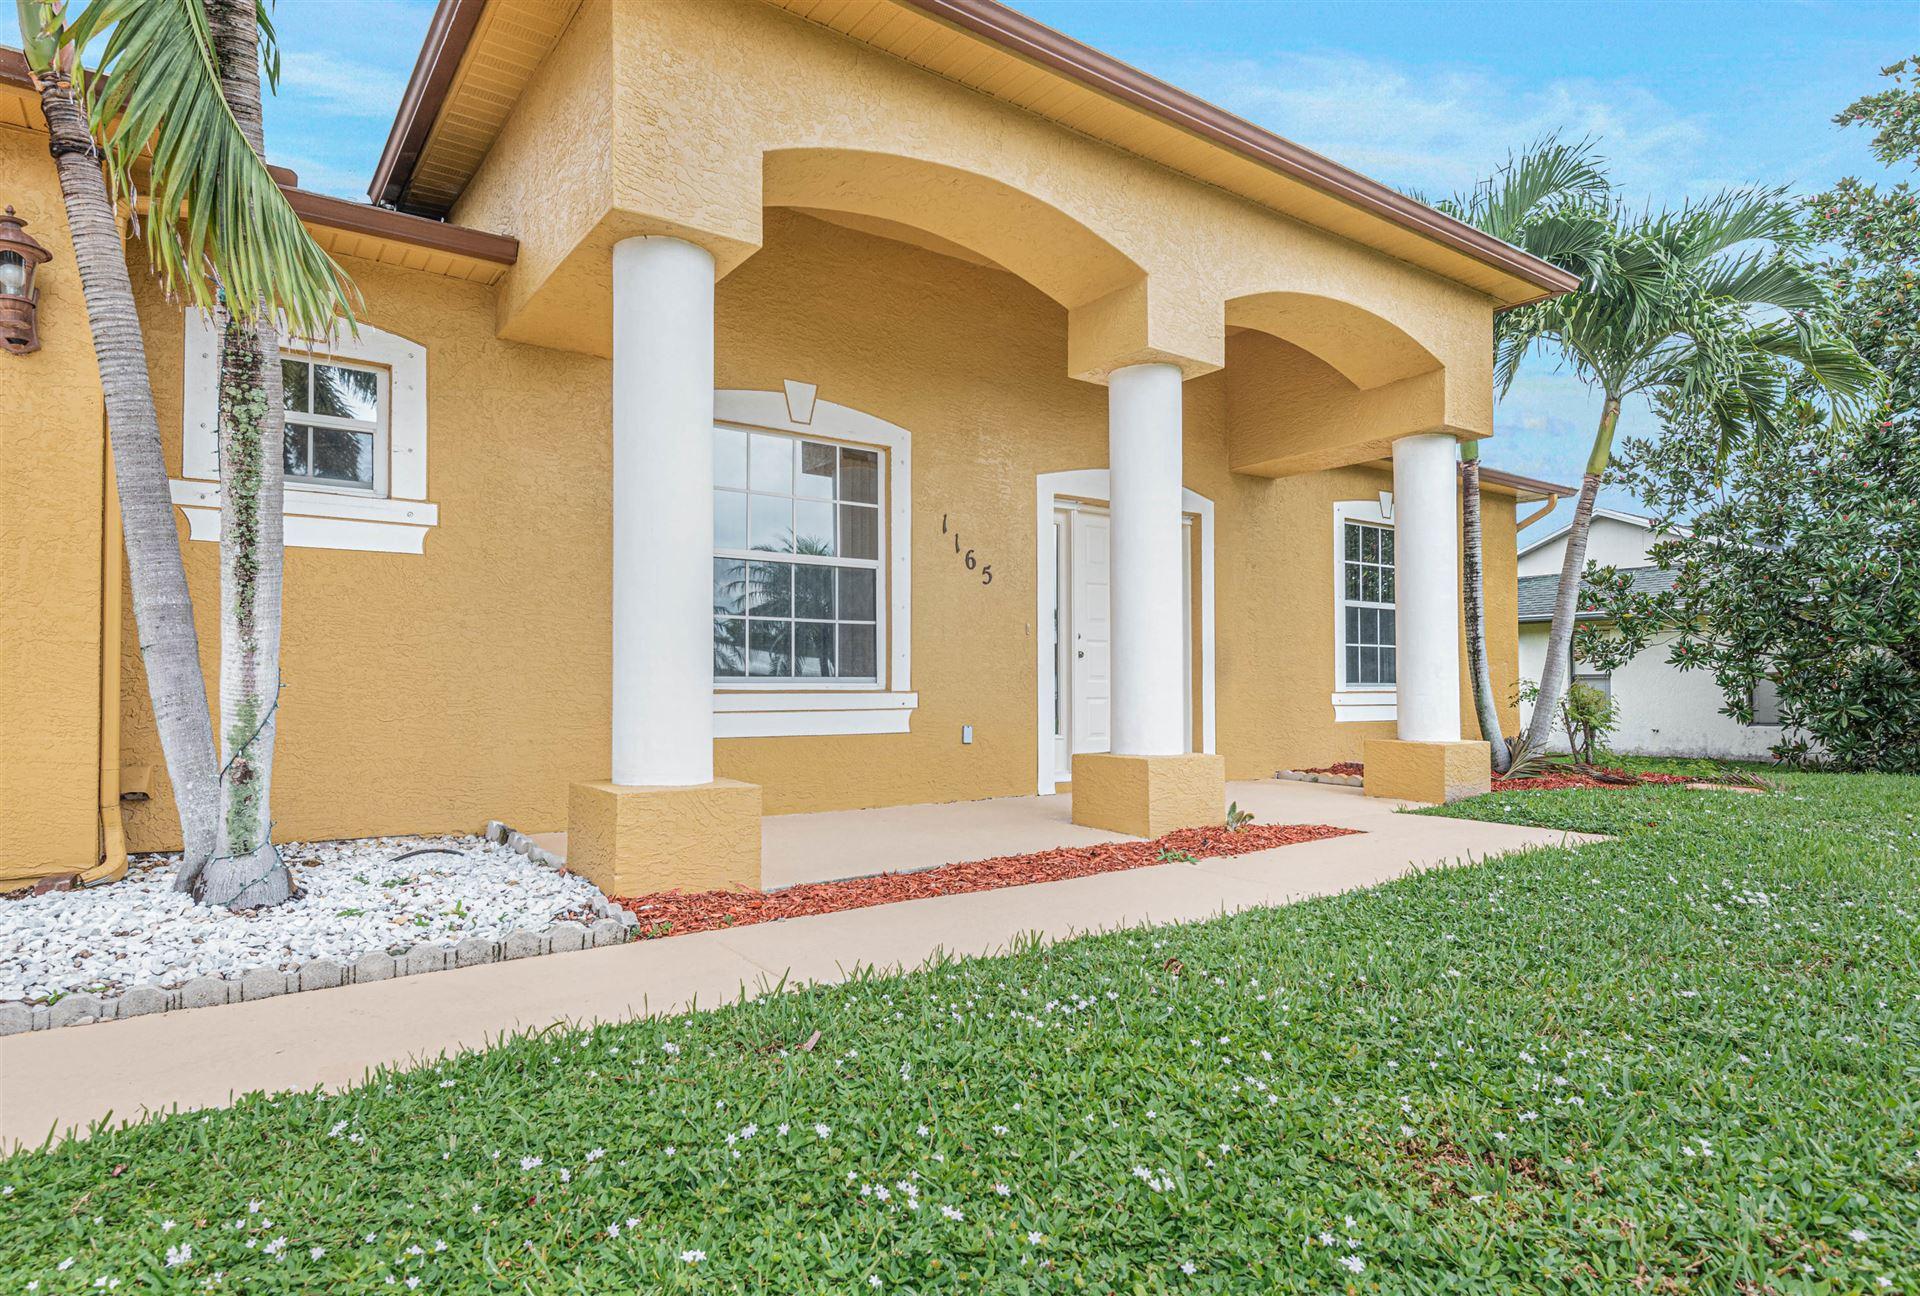 Photo of 1165 SE Menores Avenue, Port Saint Lucie, FL 34952 (MLS # RX-10658449)